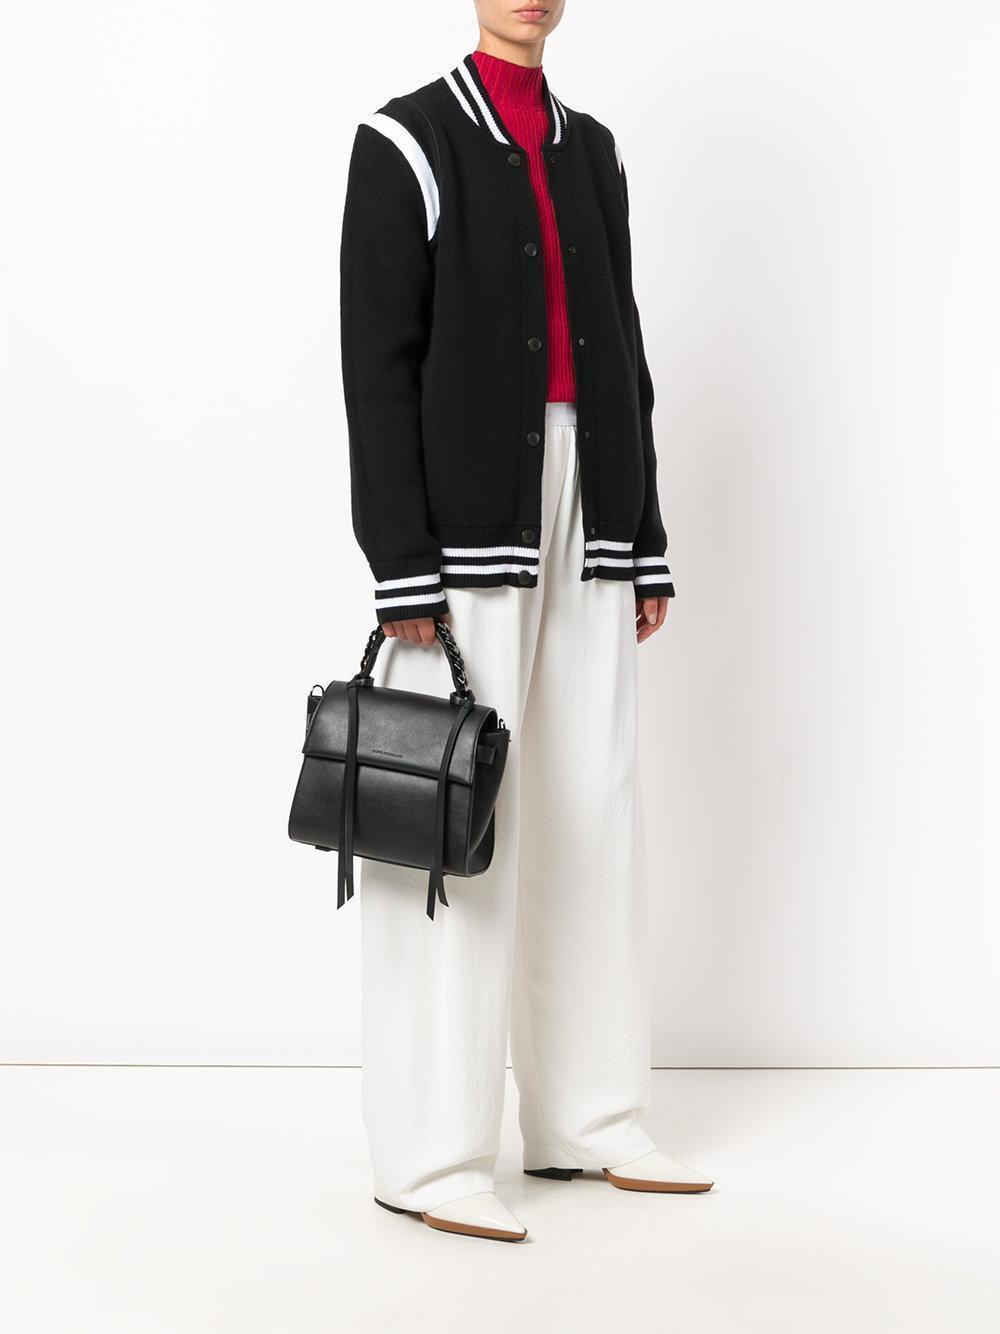 Elena Ghisellini Leather Chain Embellished Handle Tote in Black